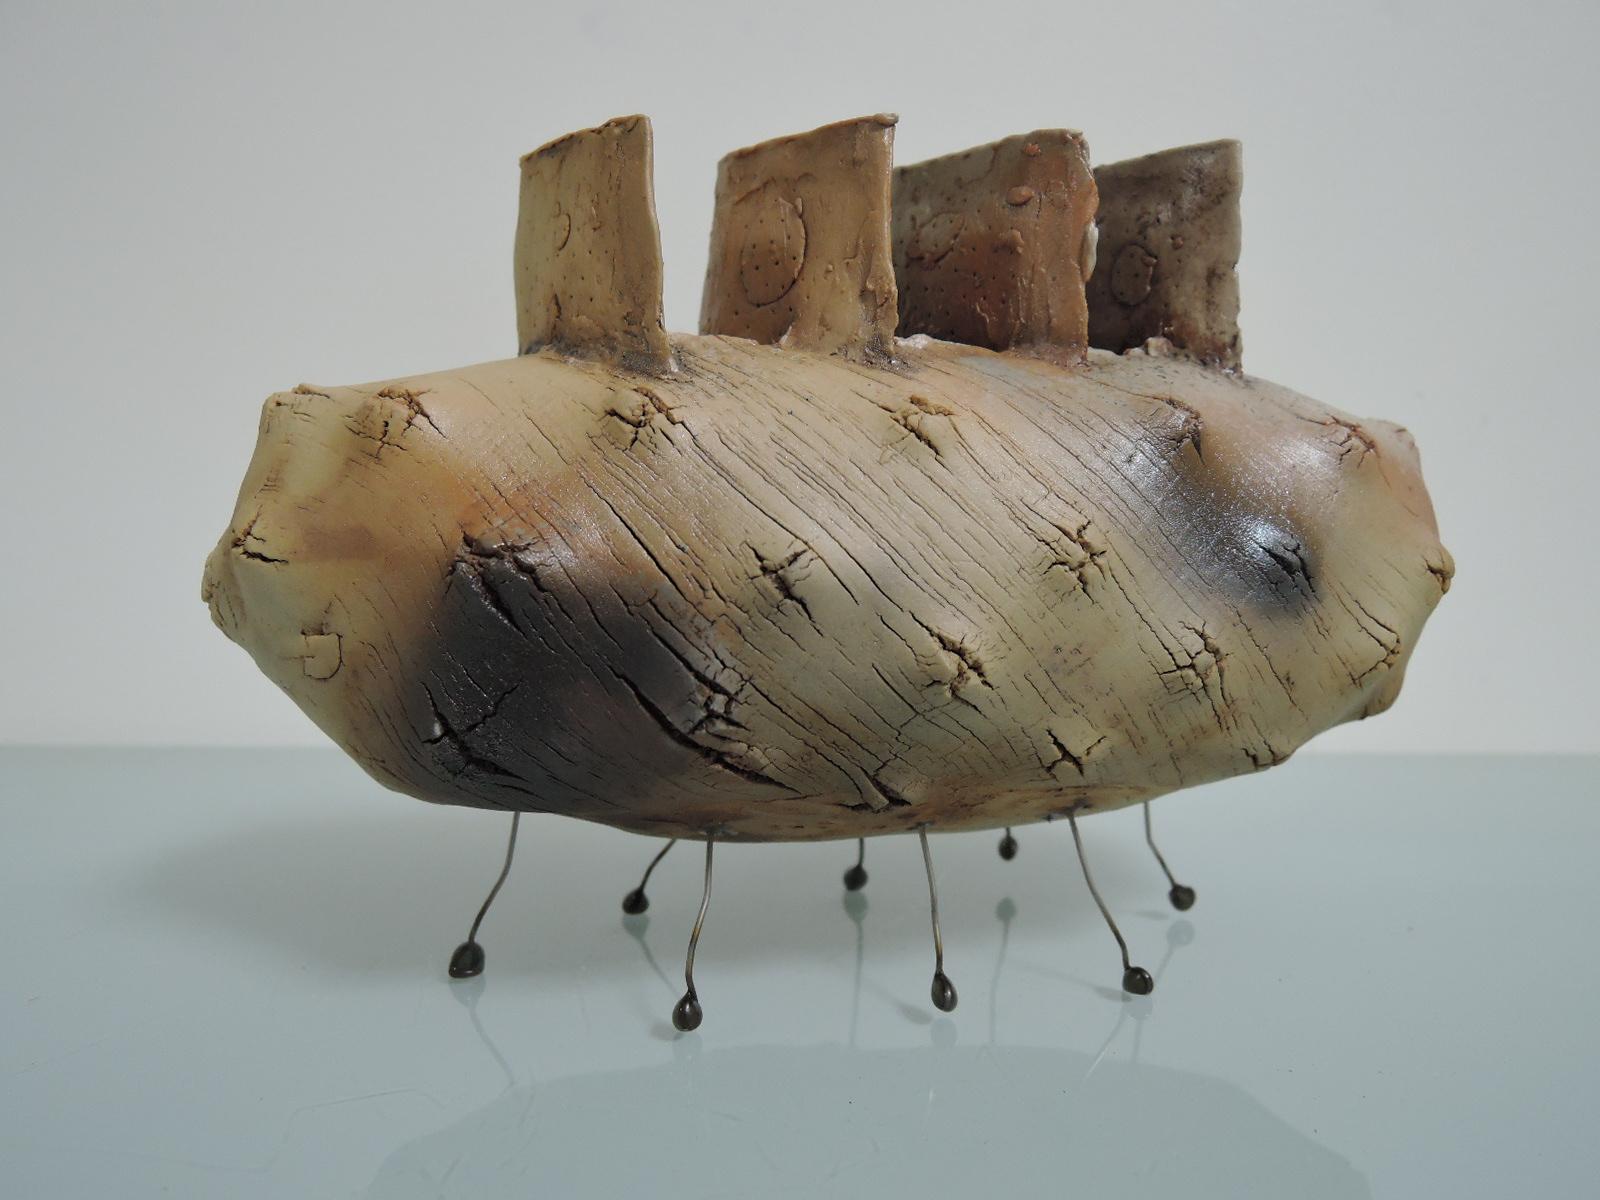 武藤公夫さんの陶器のオブジェ 宇宙船とも生き物とも見える花器